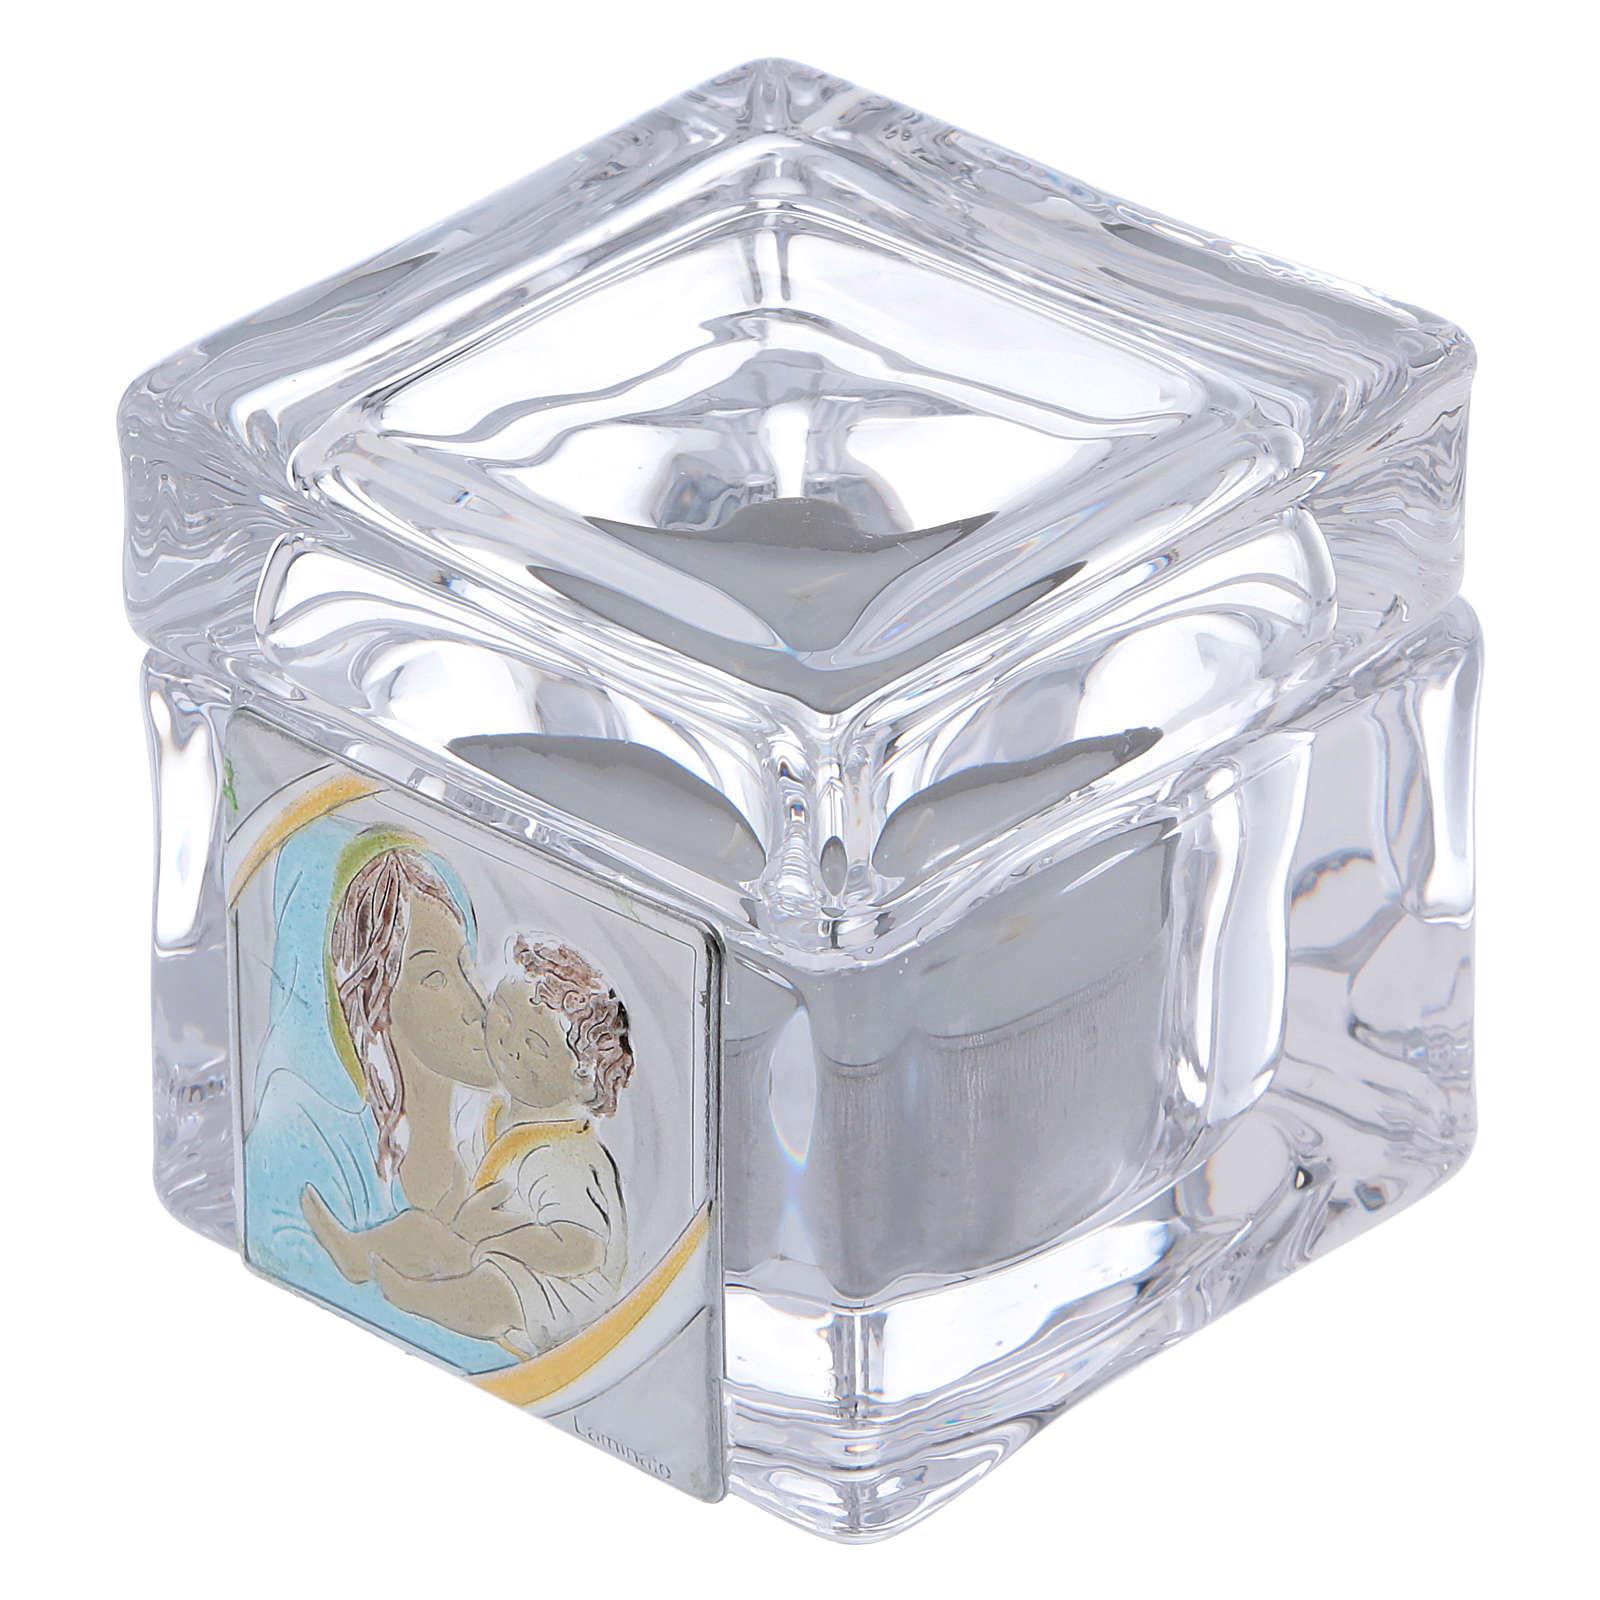 Bombonera Bautismo caja 5x5x5 cm con lamparilla Maternidad 4